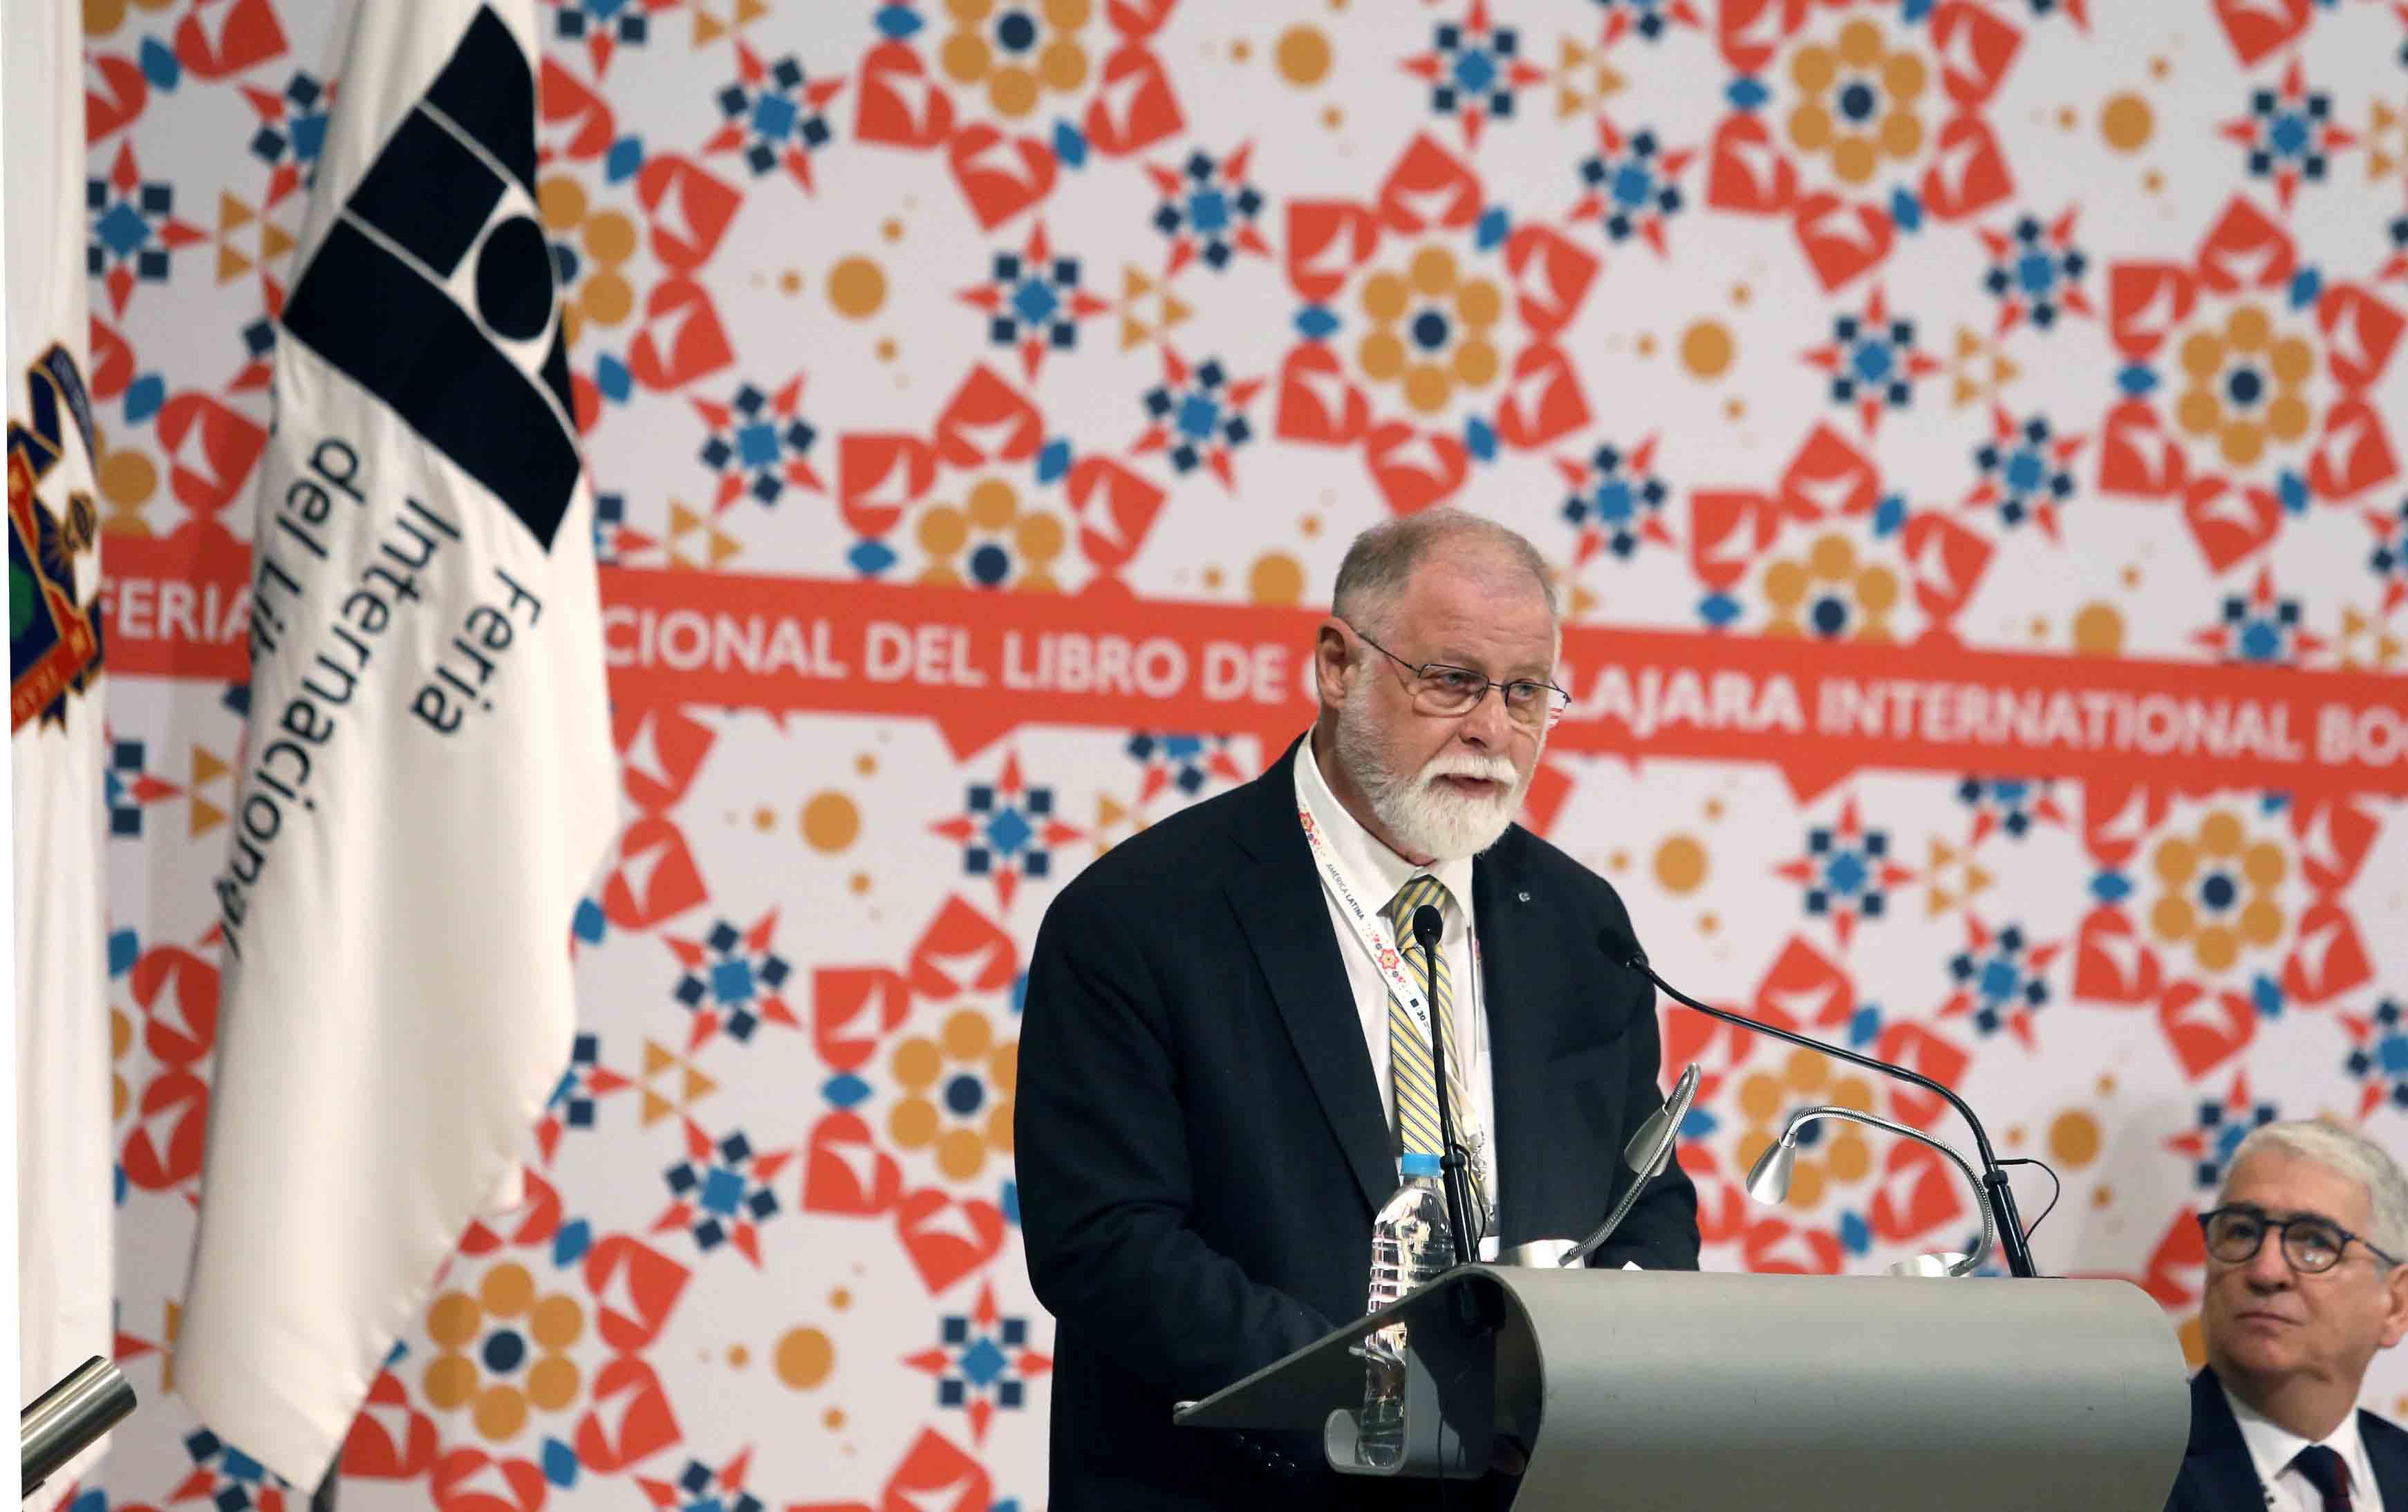 Invitado especial a la ceremonia de inaguración de la FIL, en podium haicendo uso de la palabra.